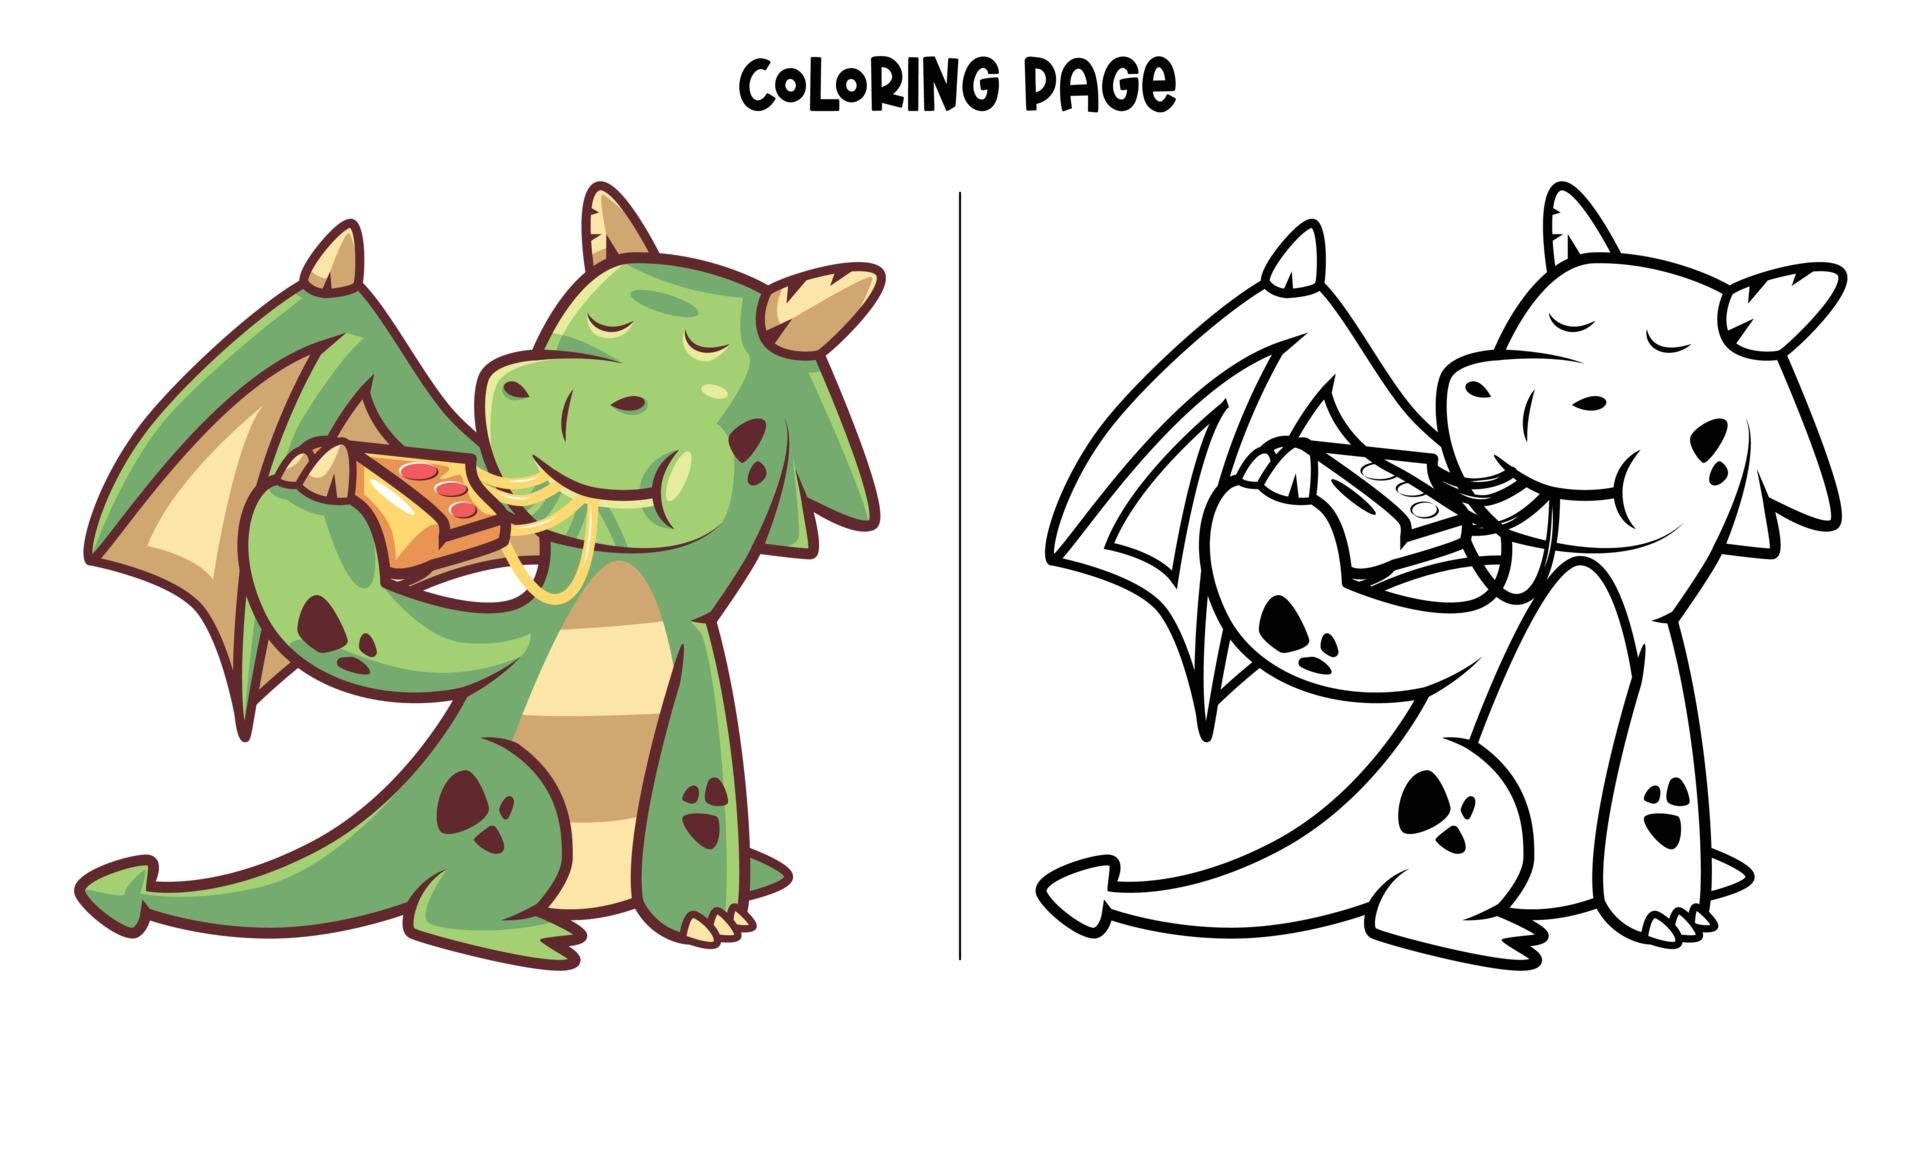 Disegno Di Drago Verde Che Mangia La Pizza Da Colorare 2093427 Scarica Immagini Vettoriali Gratis Grafica Vettoriale E Disegno Modelli